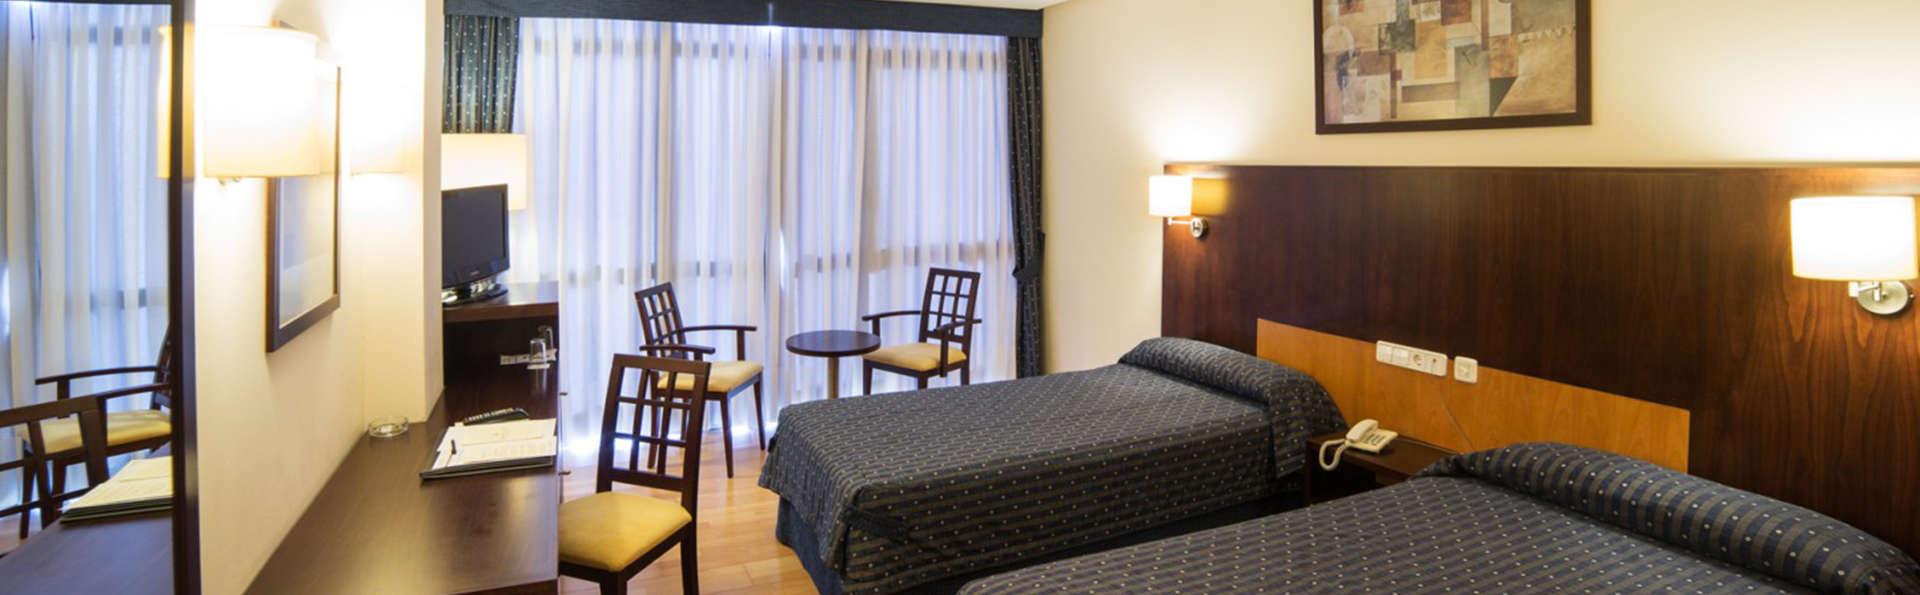 Lobios Caldaria Hotel Balneario - EDIT_NEW_room2.jpg